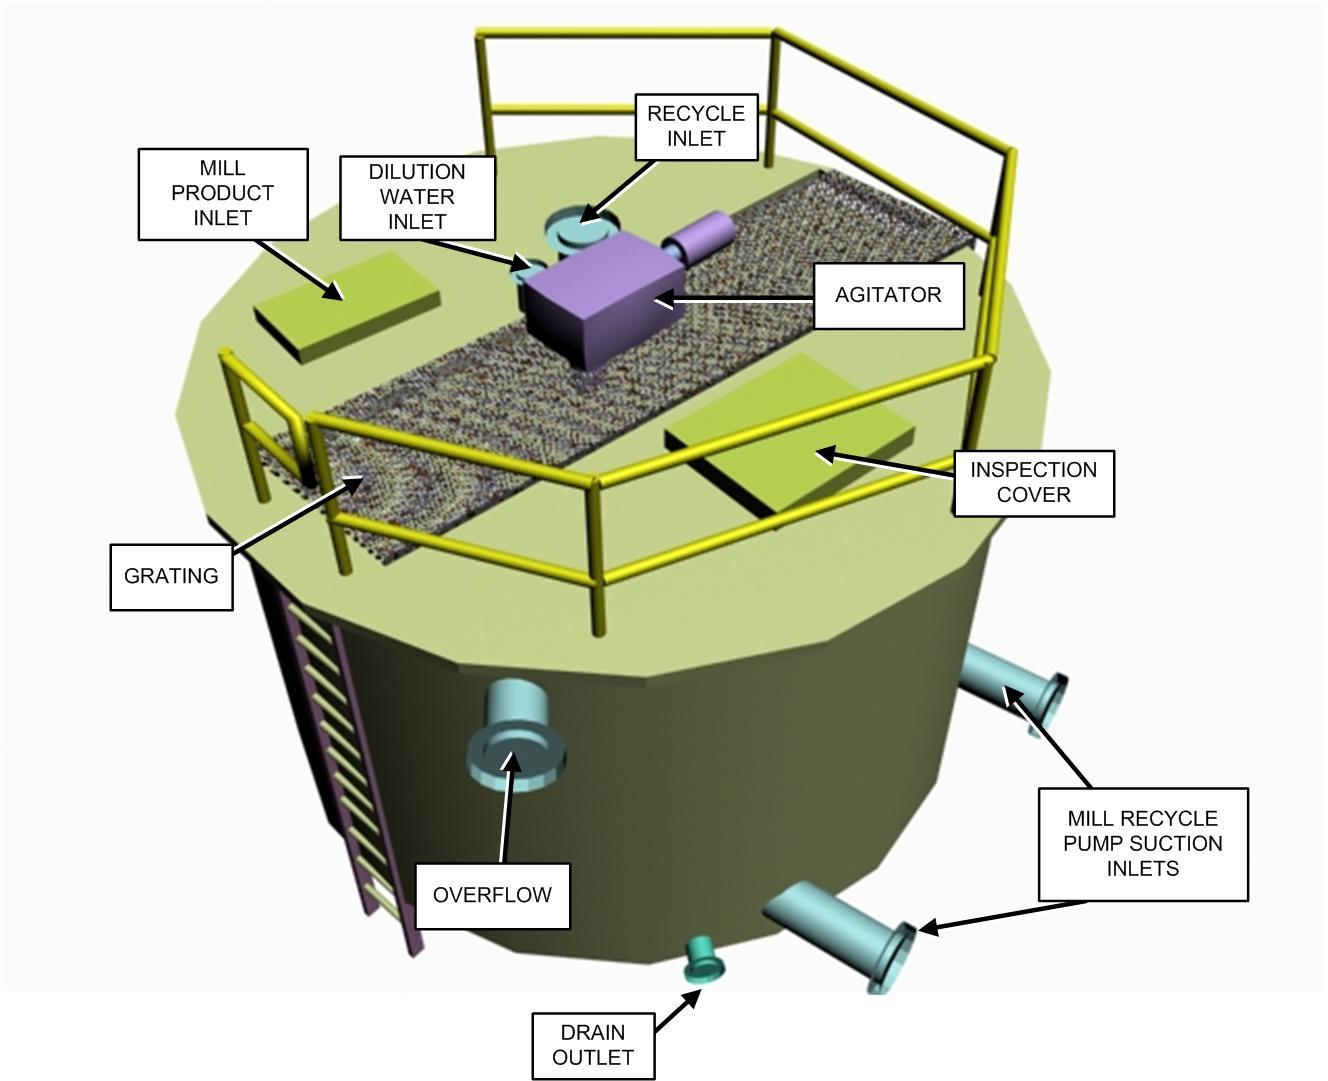 Mill Slurry Tank